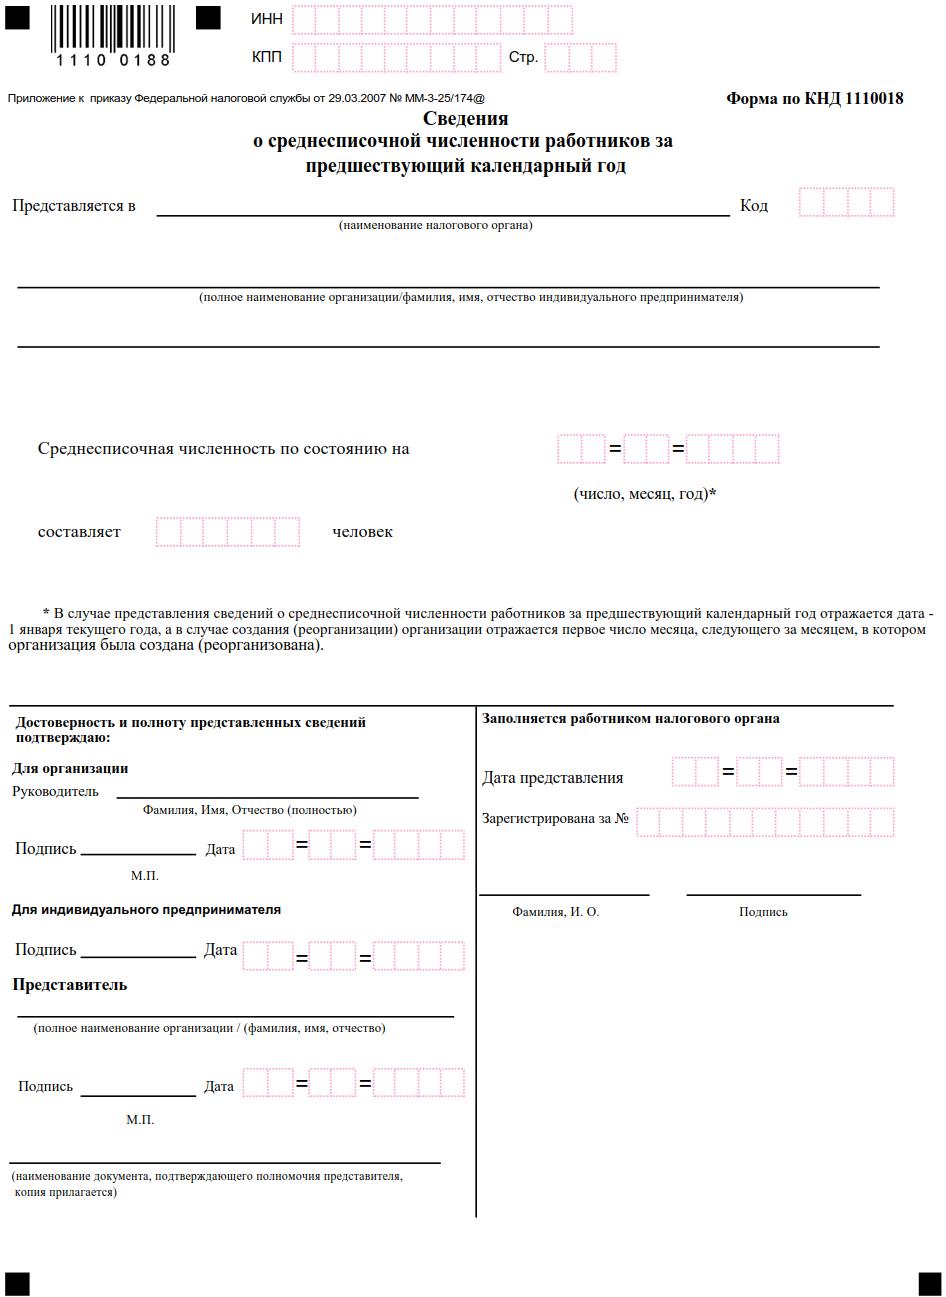 Регистрация ип сведения о численности ибг ран бухгалтерия